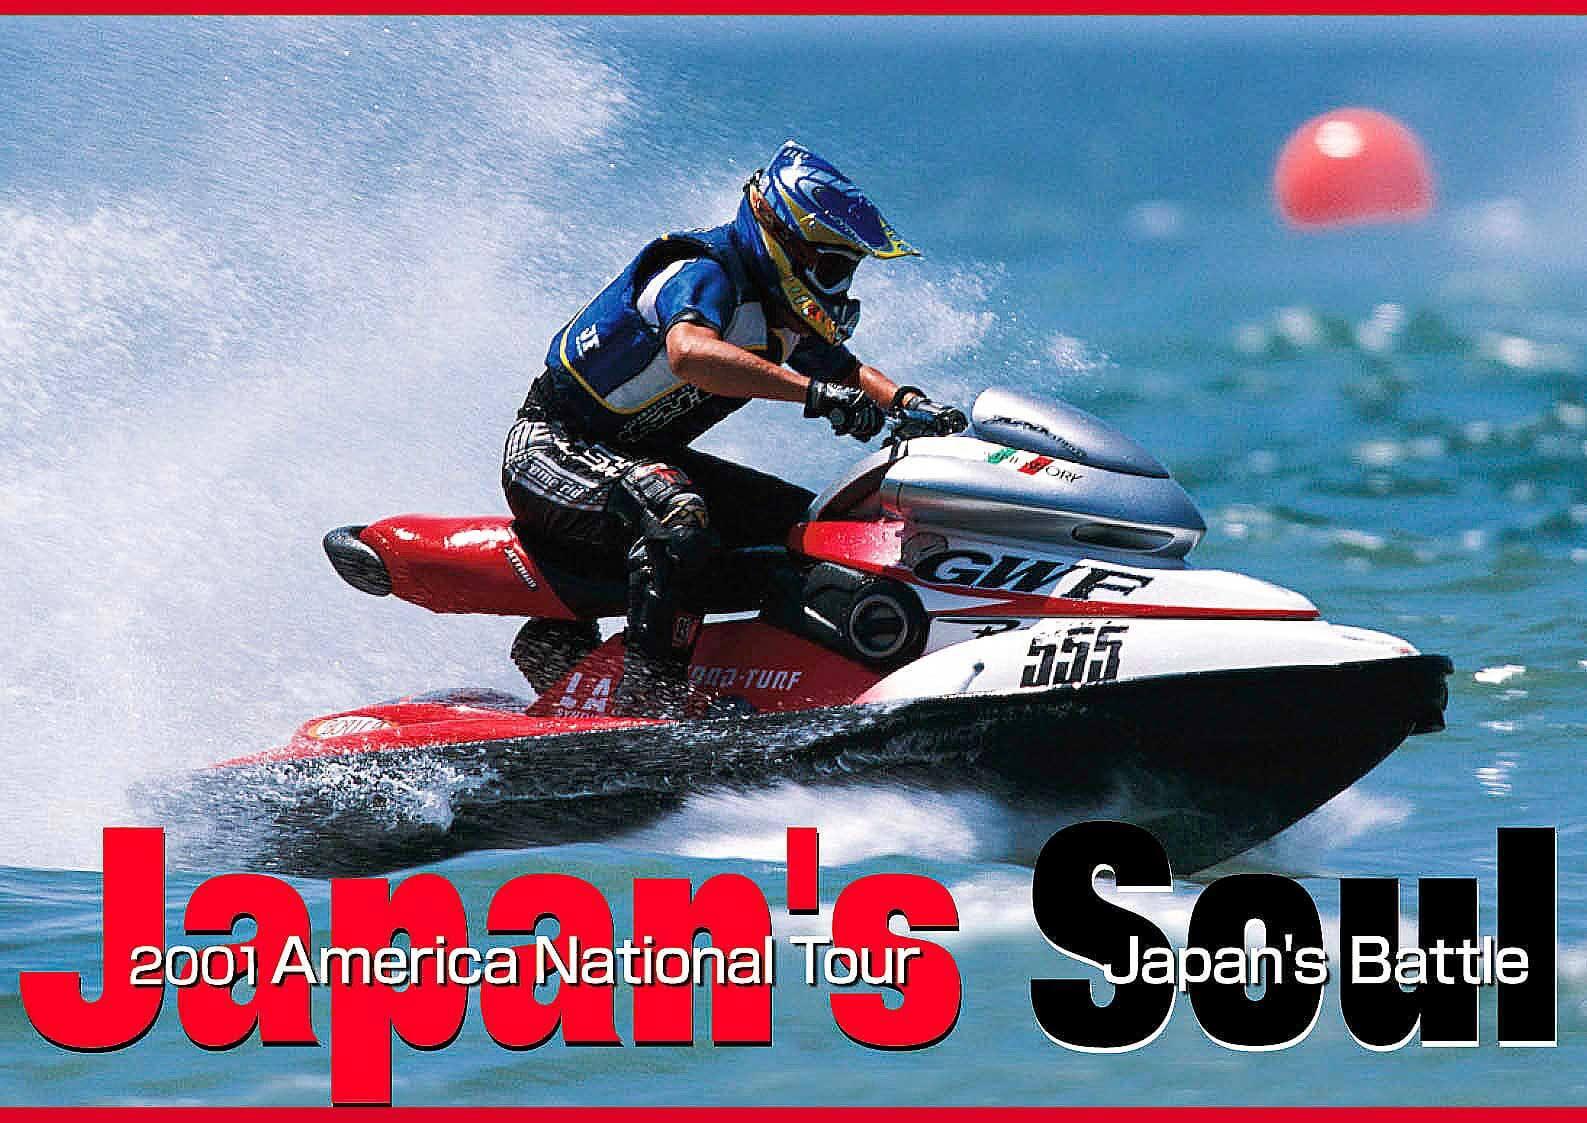 色に感じる大和魂「日本の色」アメリカツアー参戦「日本人」 紅矢俊栄選手のカラーリング ジェットスキー(水上バイク)